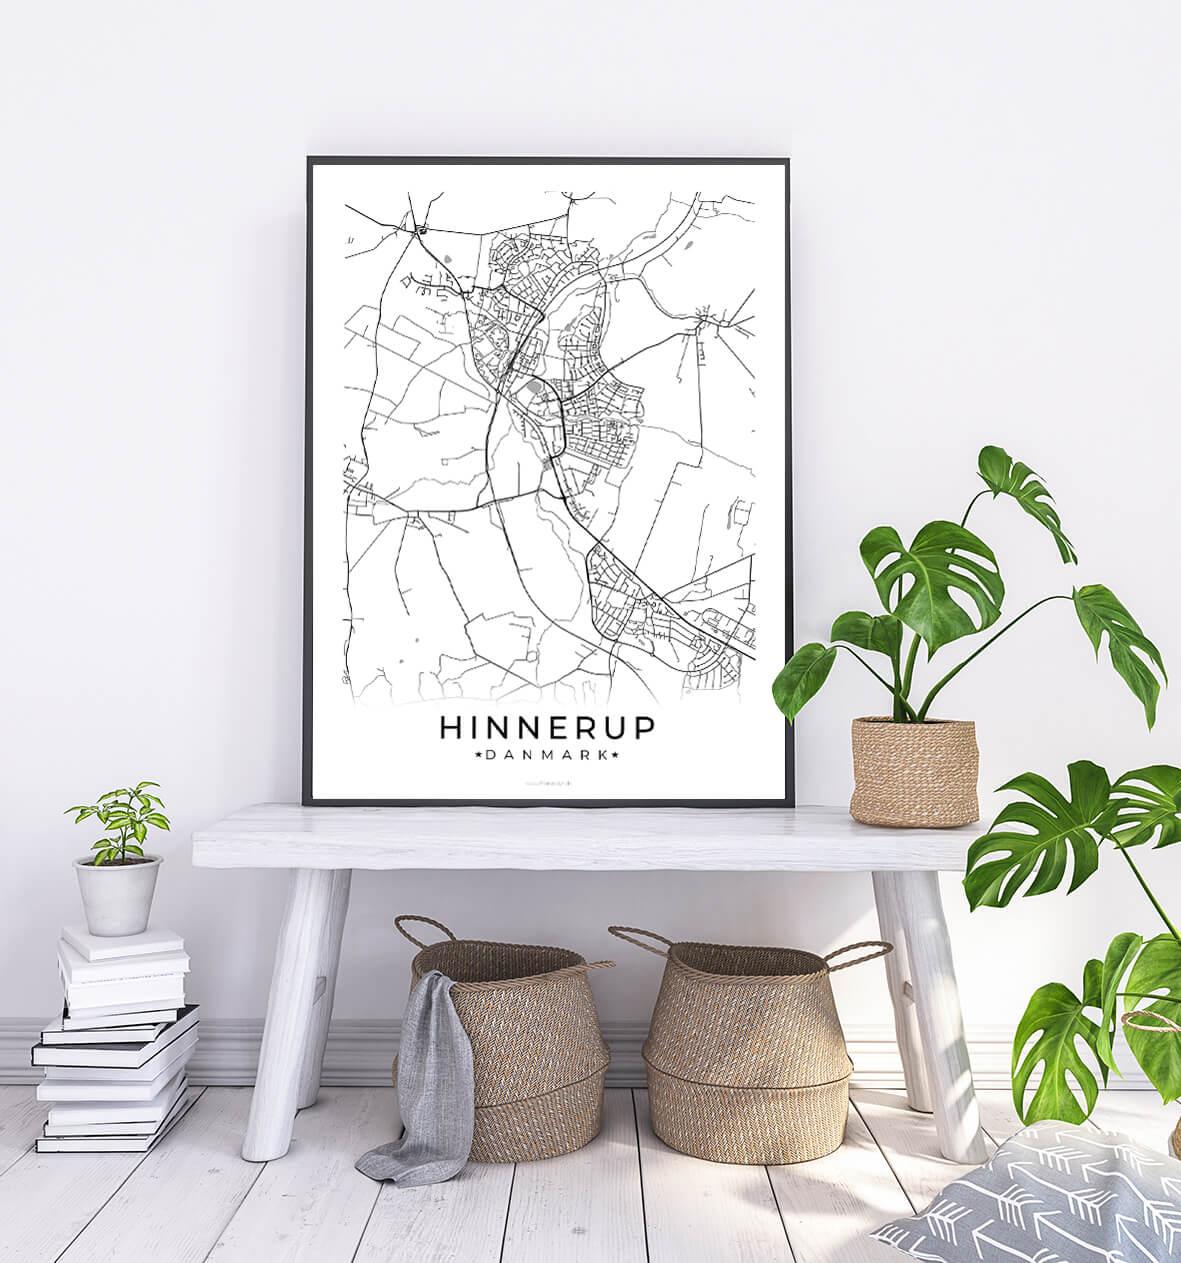 Hinnerup-hvid-byplakat-1